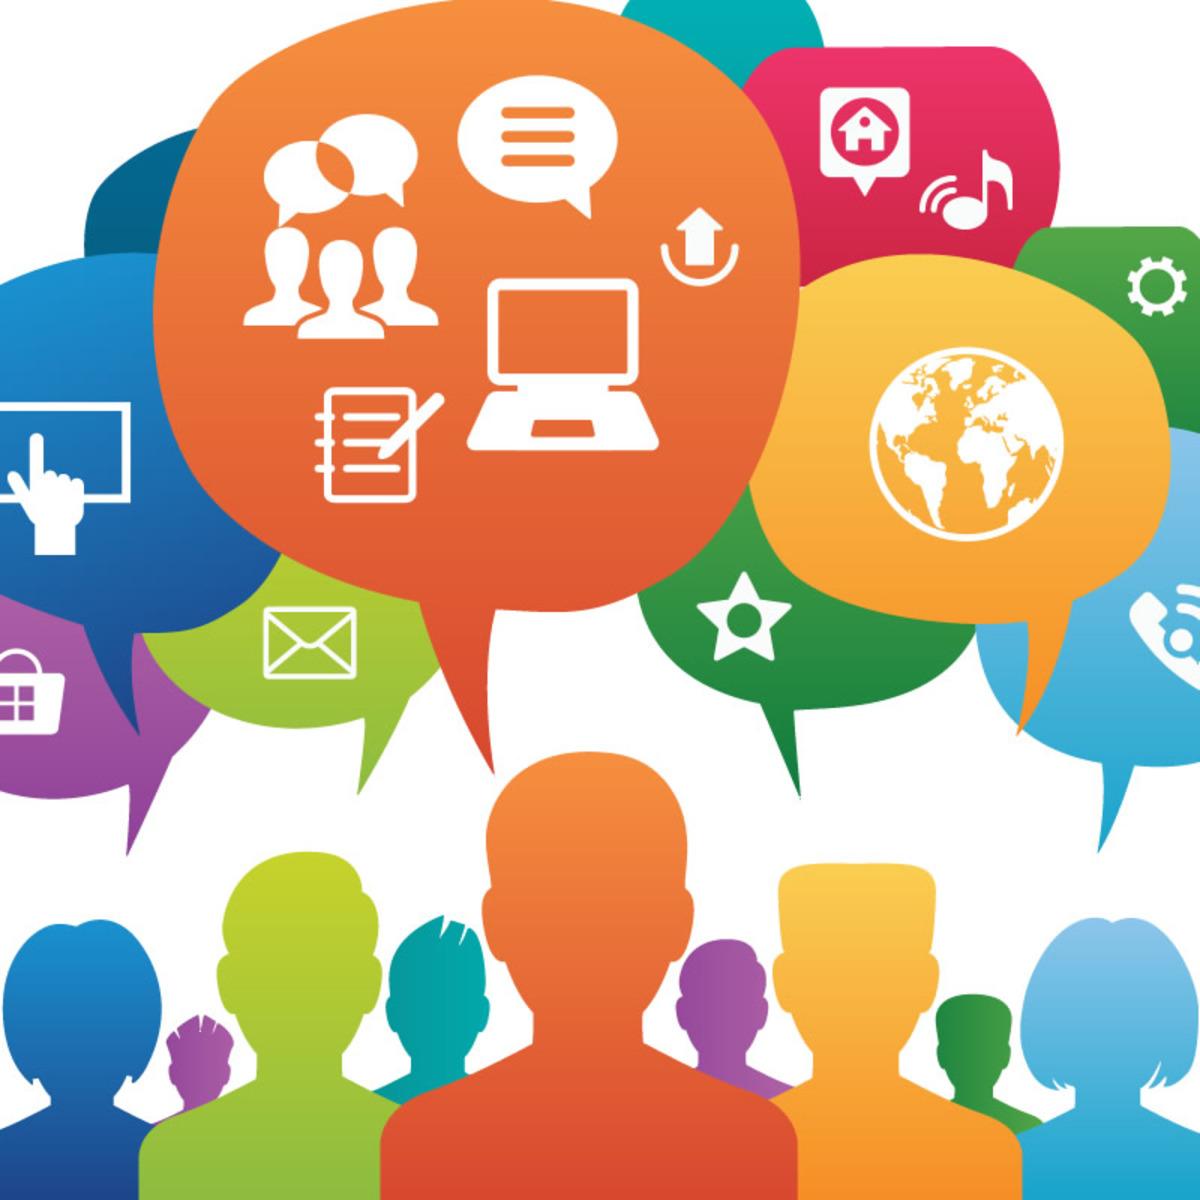 Las redes sociales en acción course image